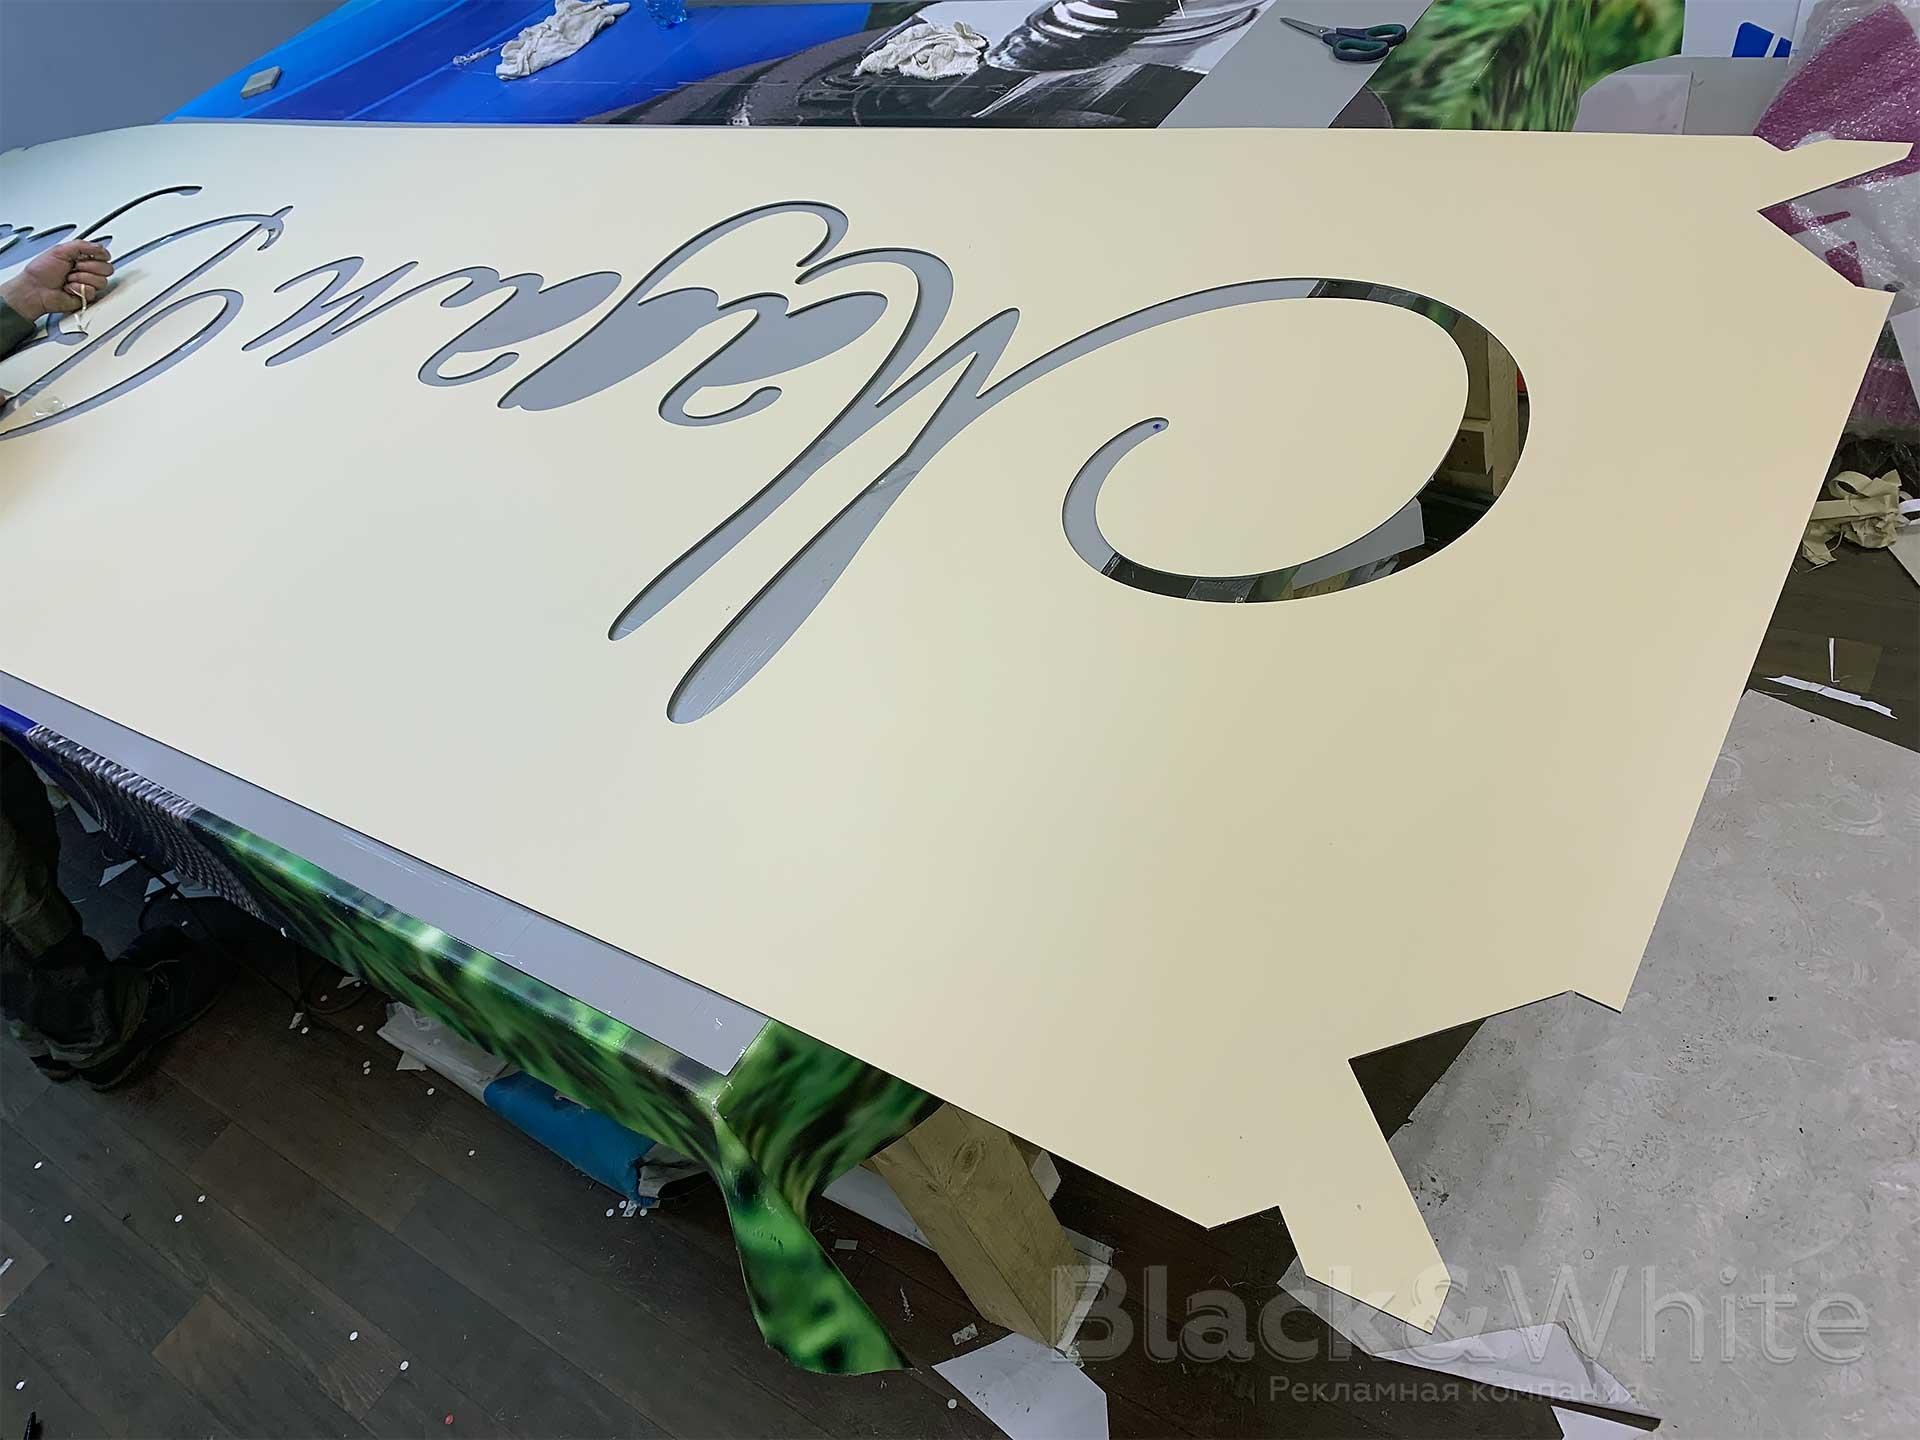 Изготовление-вывески-для-свадебного-салона-в-Красноярске-объёмные-световые-буквы-и-Композитный-короб-с-инкрустацией-bw.jpg